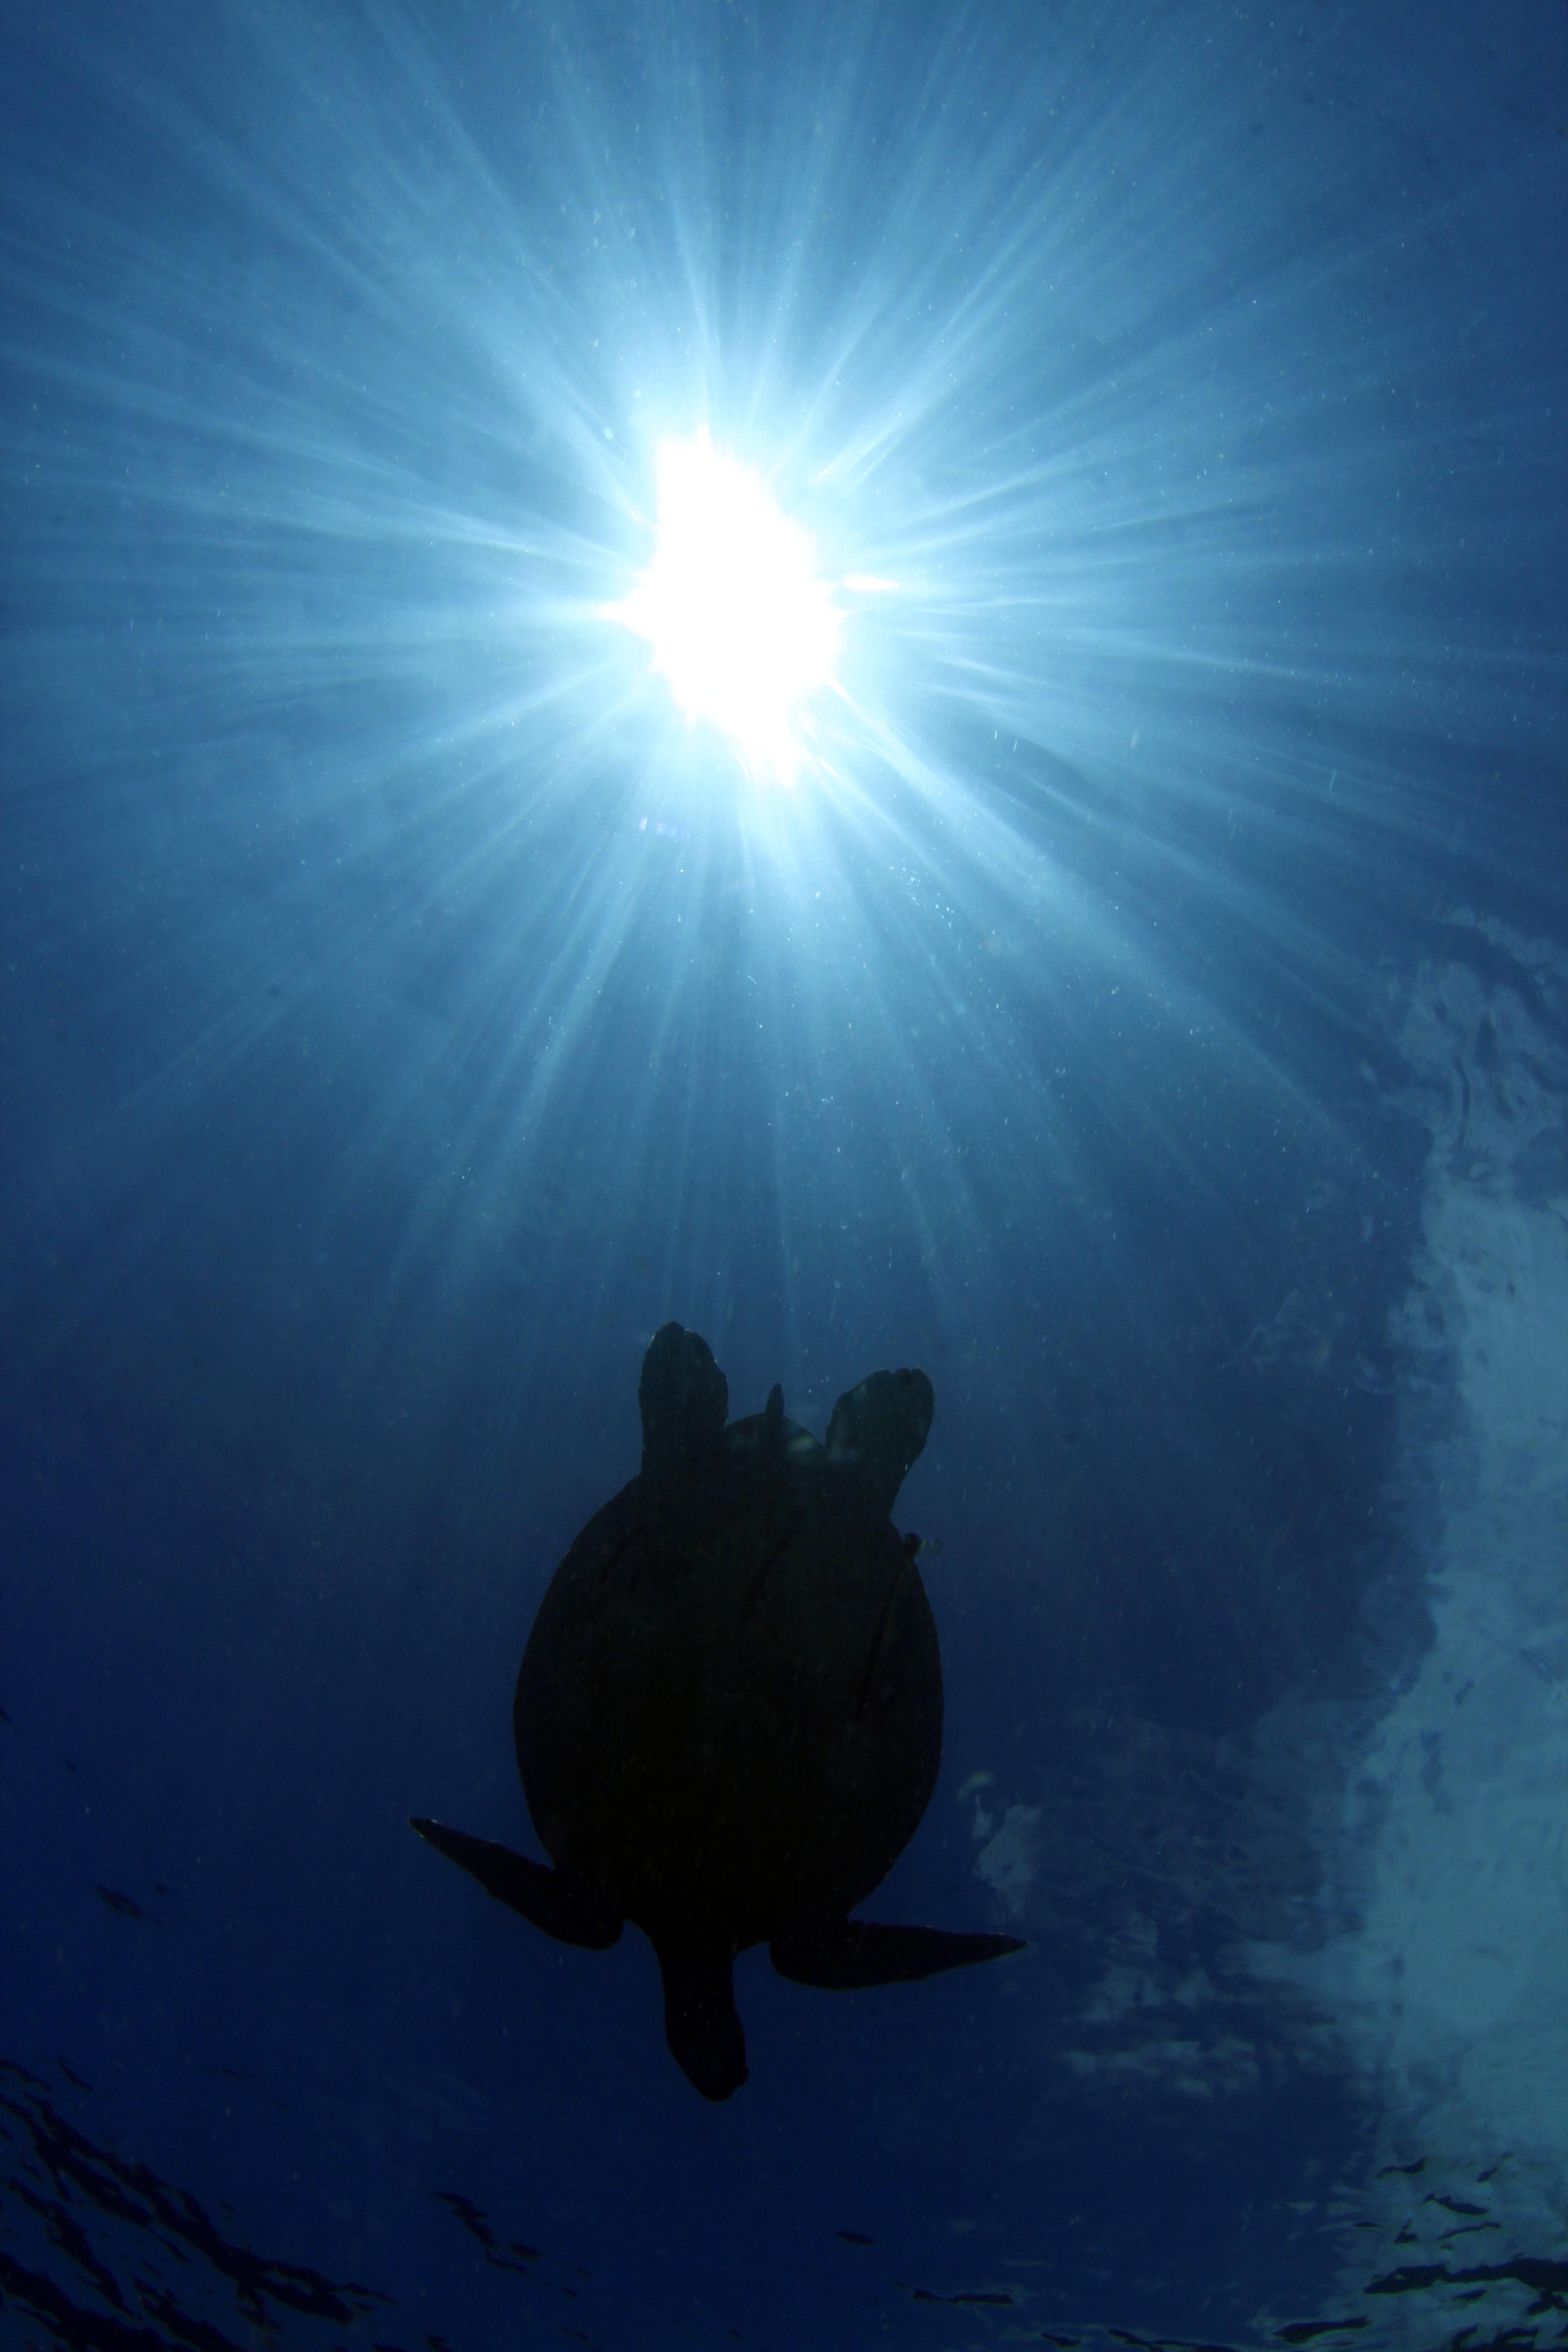 Hawkssbill Turtle